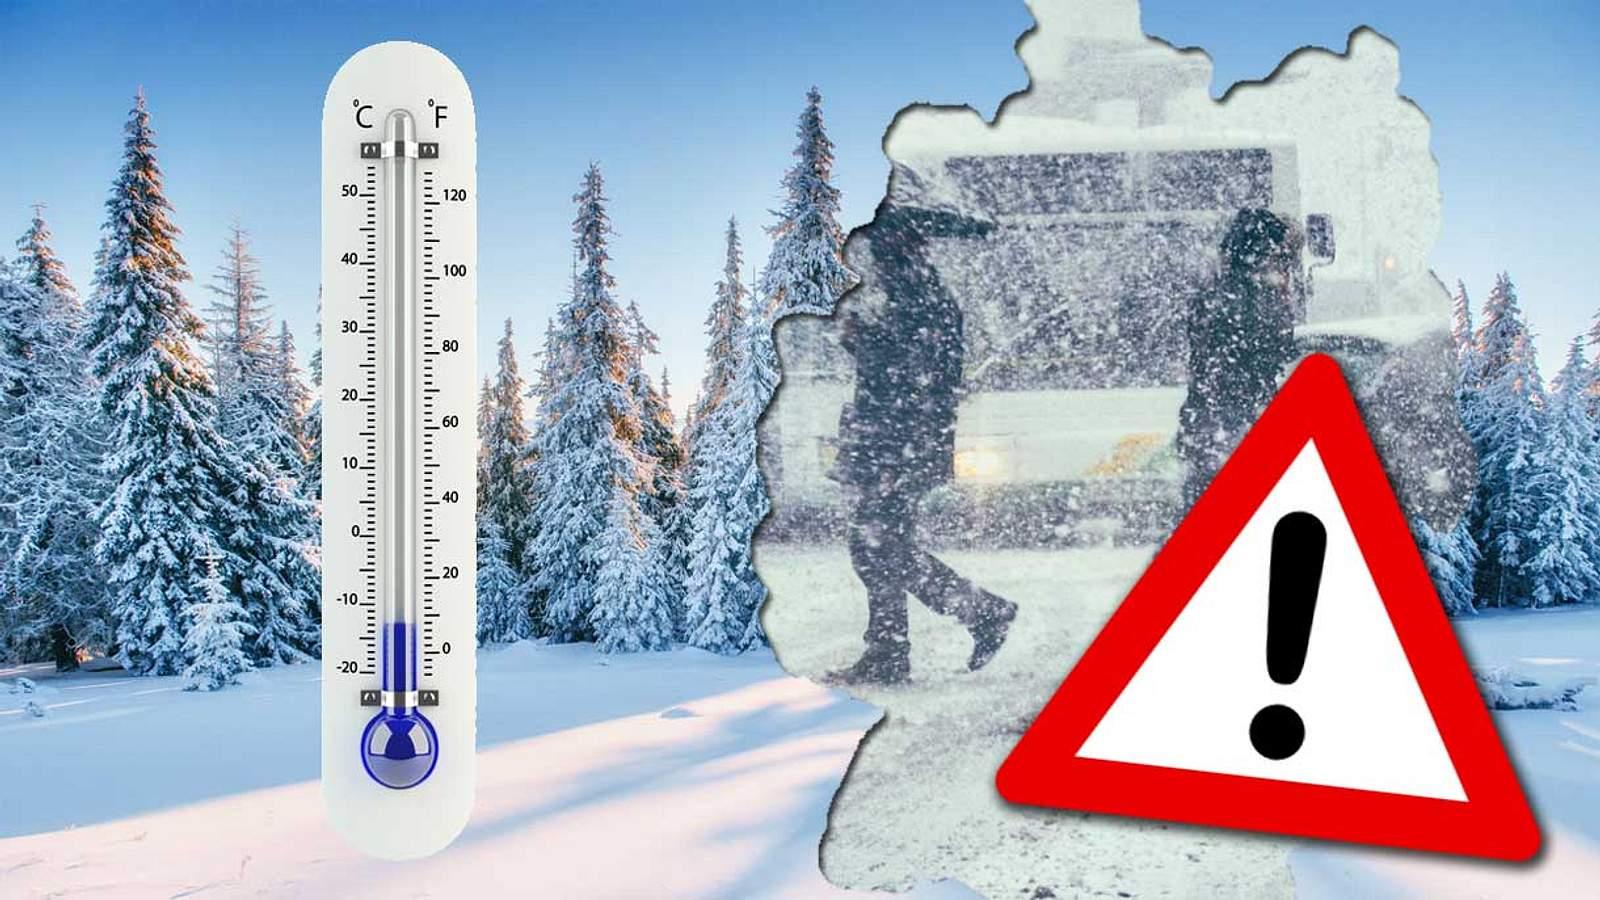 Wetter-Update: Jetzt holt der Winter zum finalen Kälte-Schlag aus